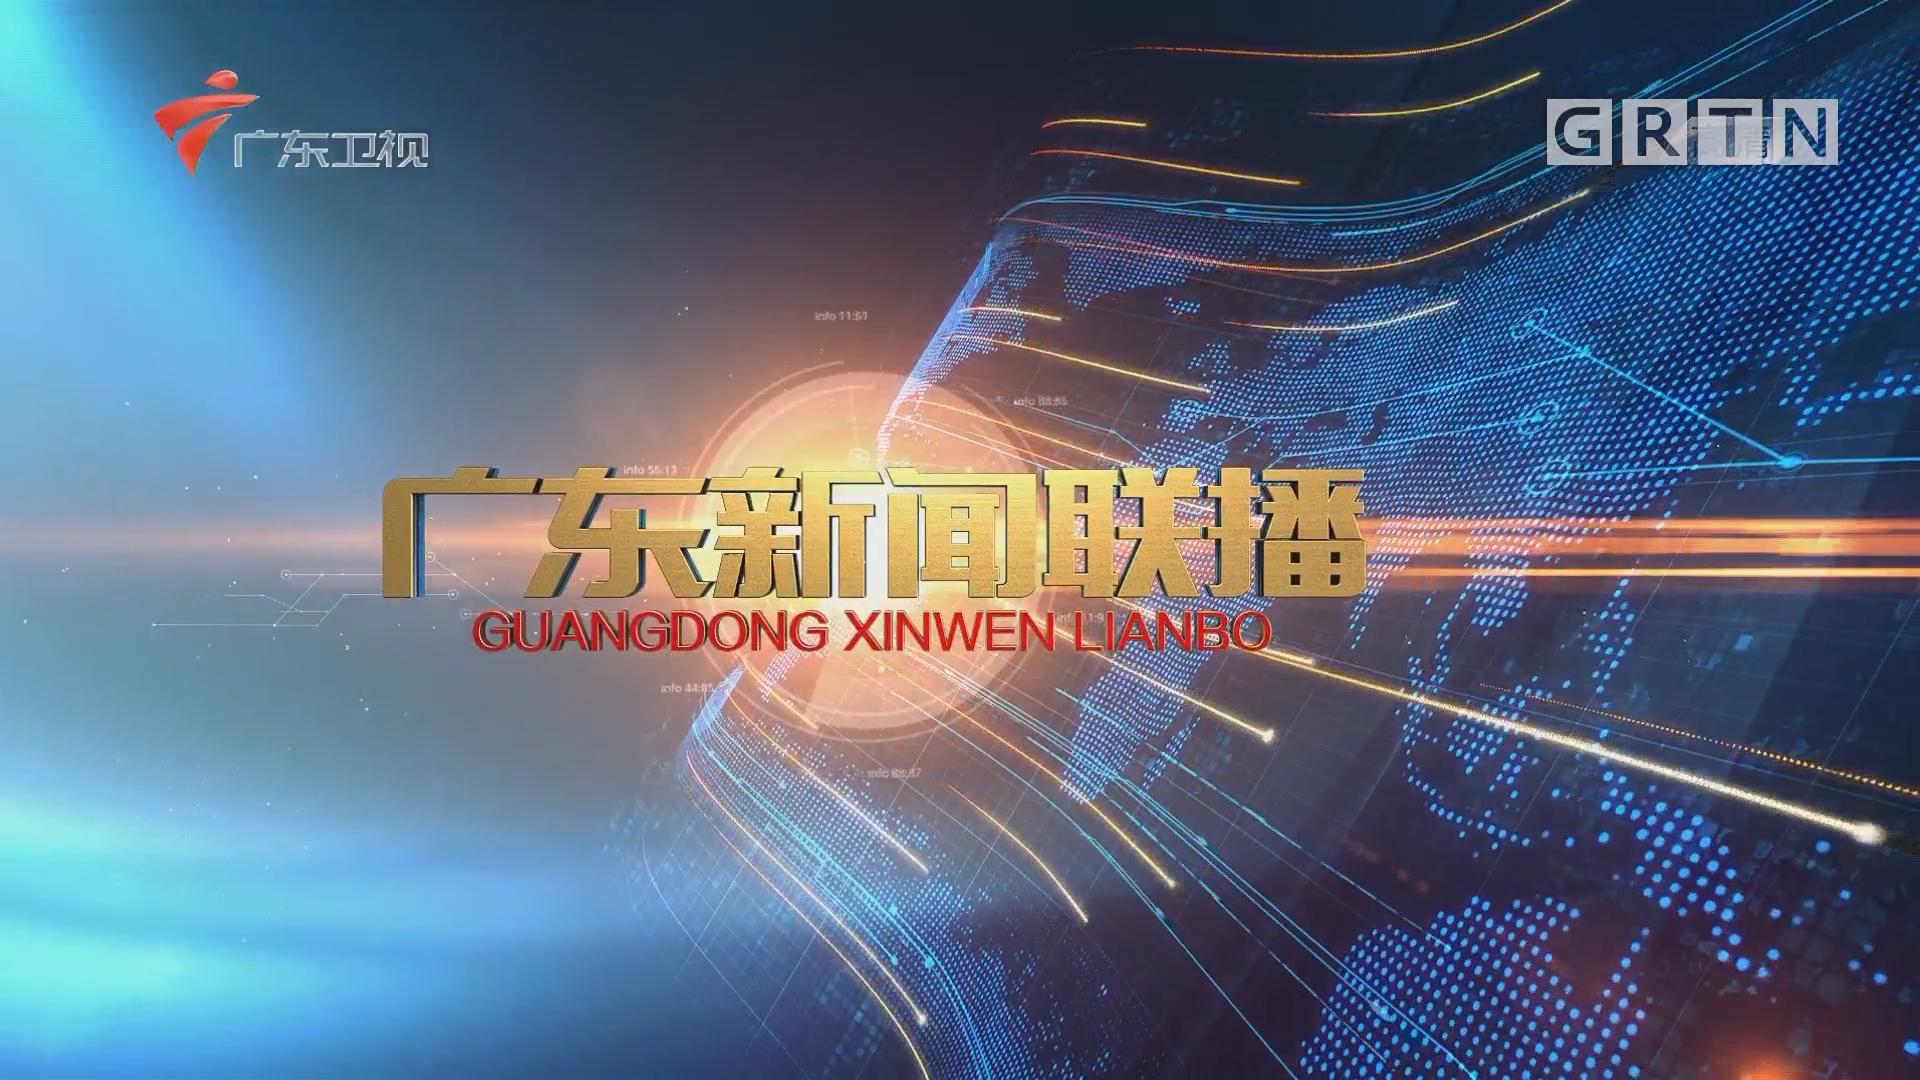 [HD][2019-03-15]广东新闻联播:十三届全国人大二次会议在京闭幕